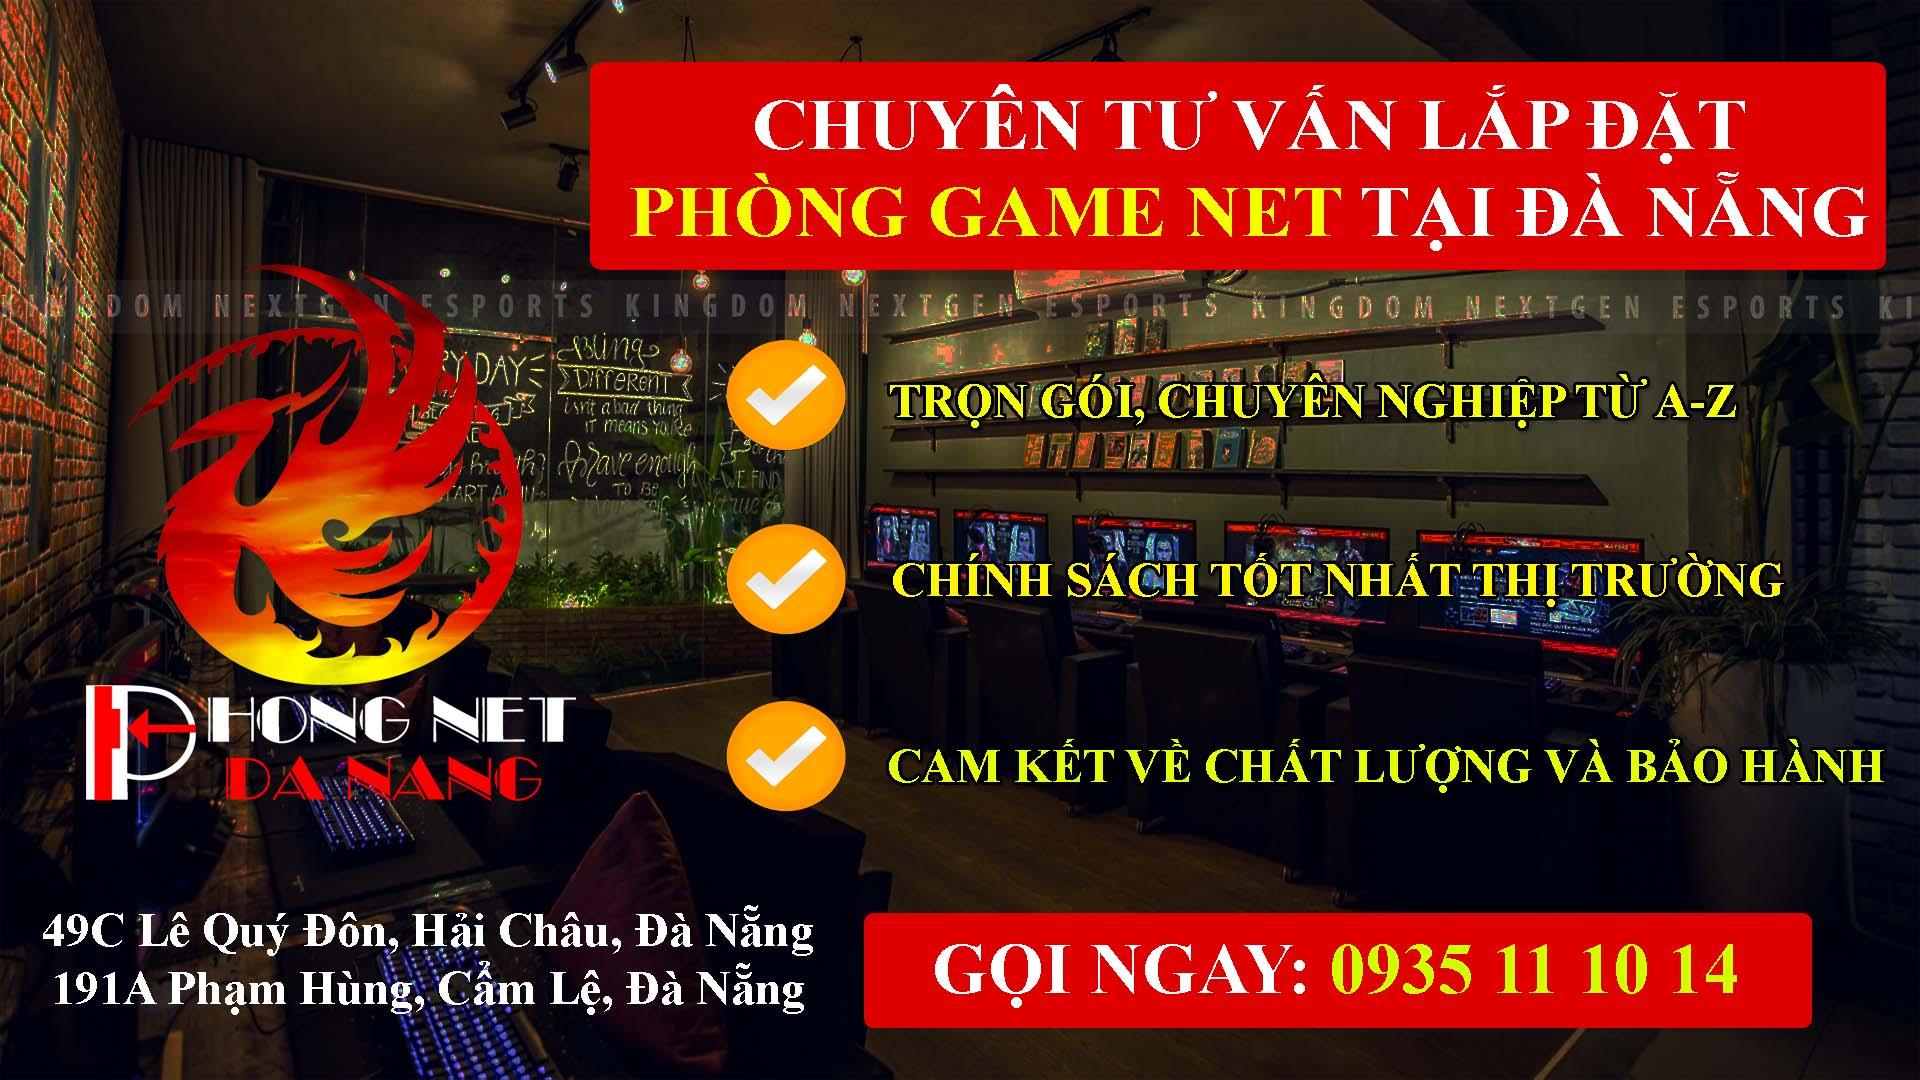 thiet-ke-phong-net-tron-goi-tai-da-nang-phongnetdanang.com